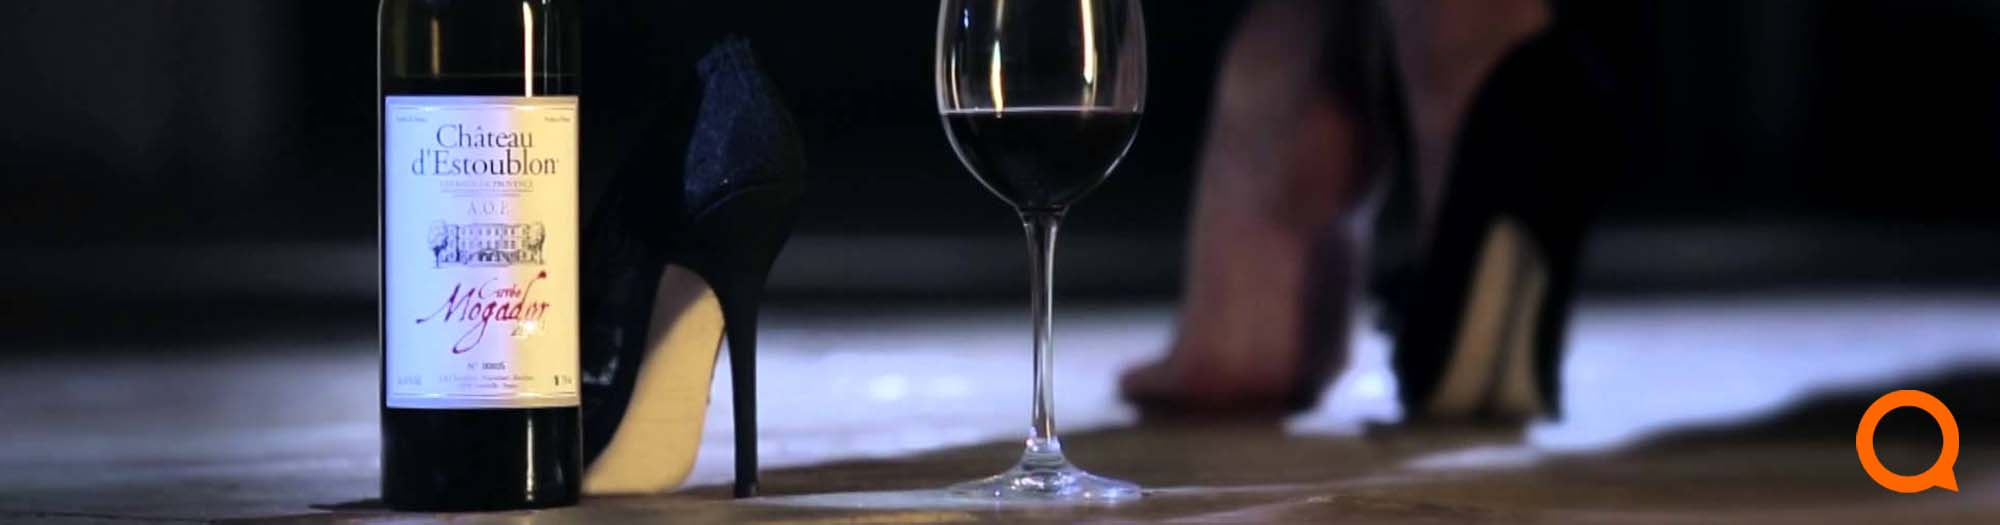 Soort wijn - Fruitig rood